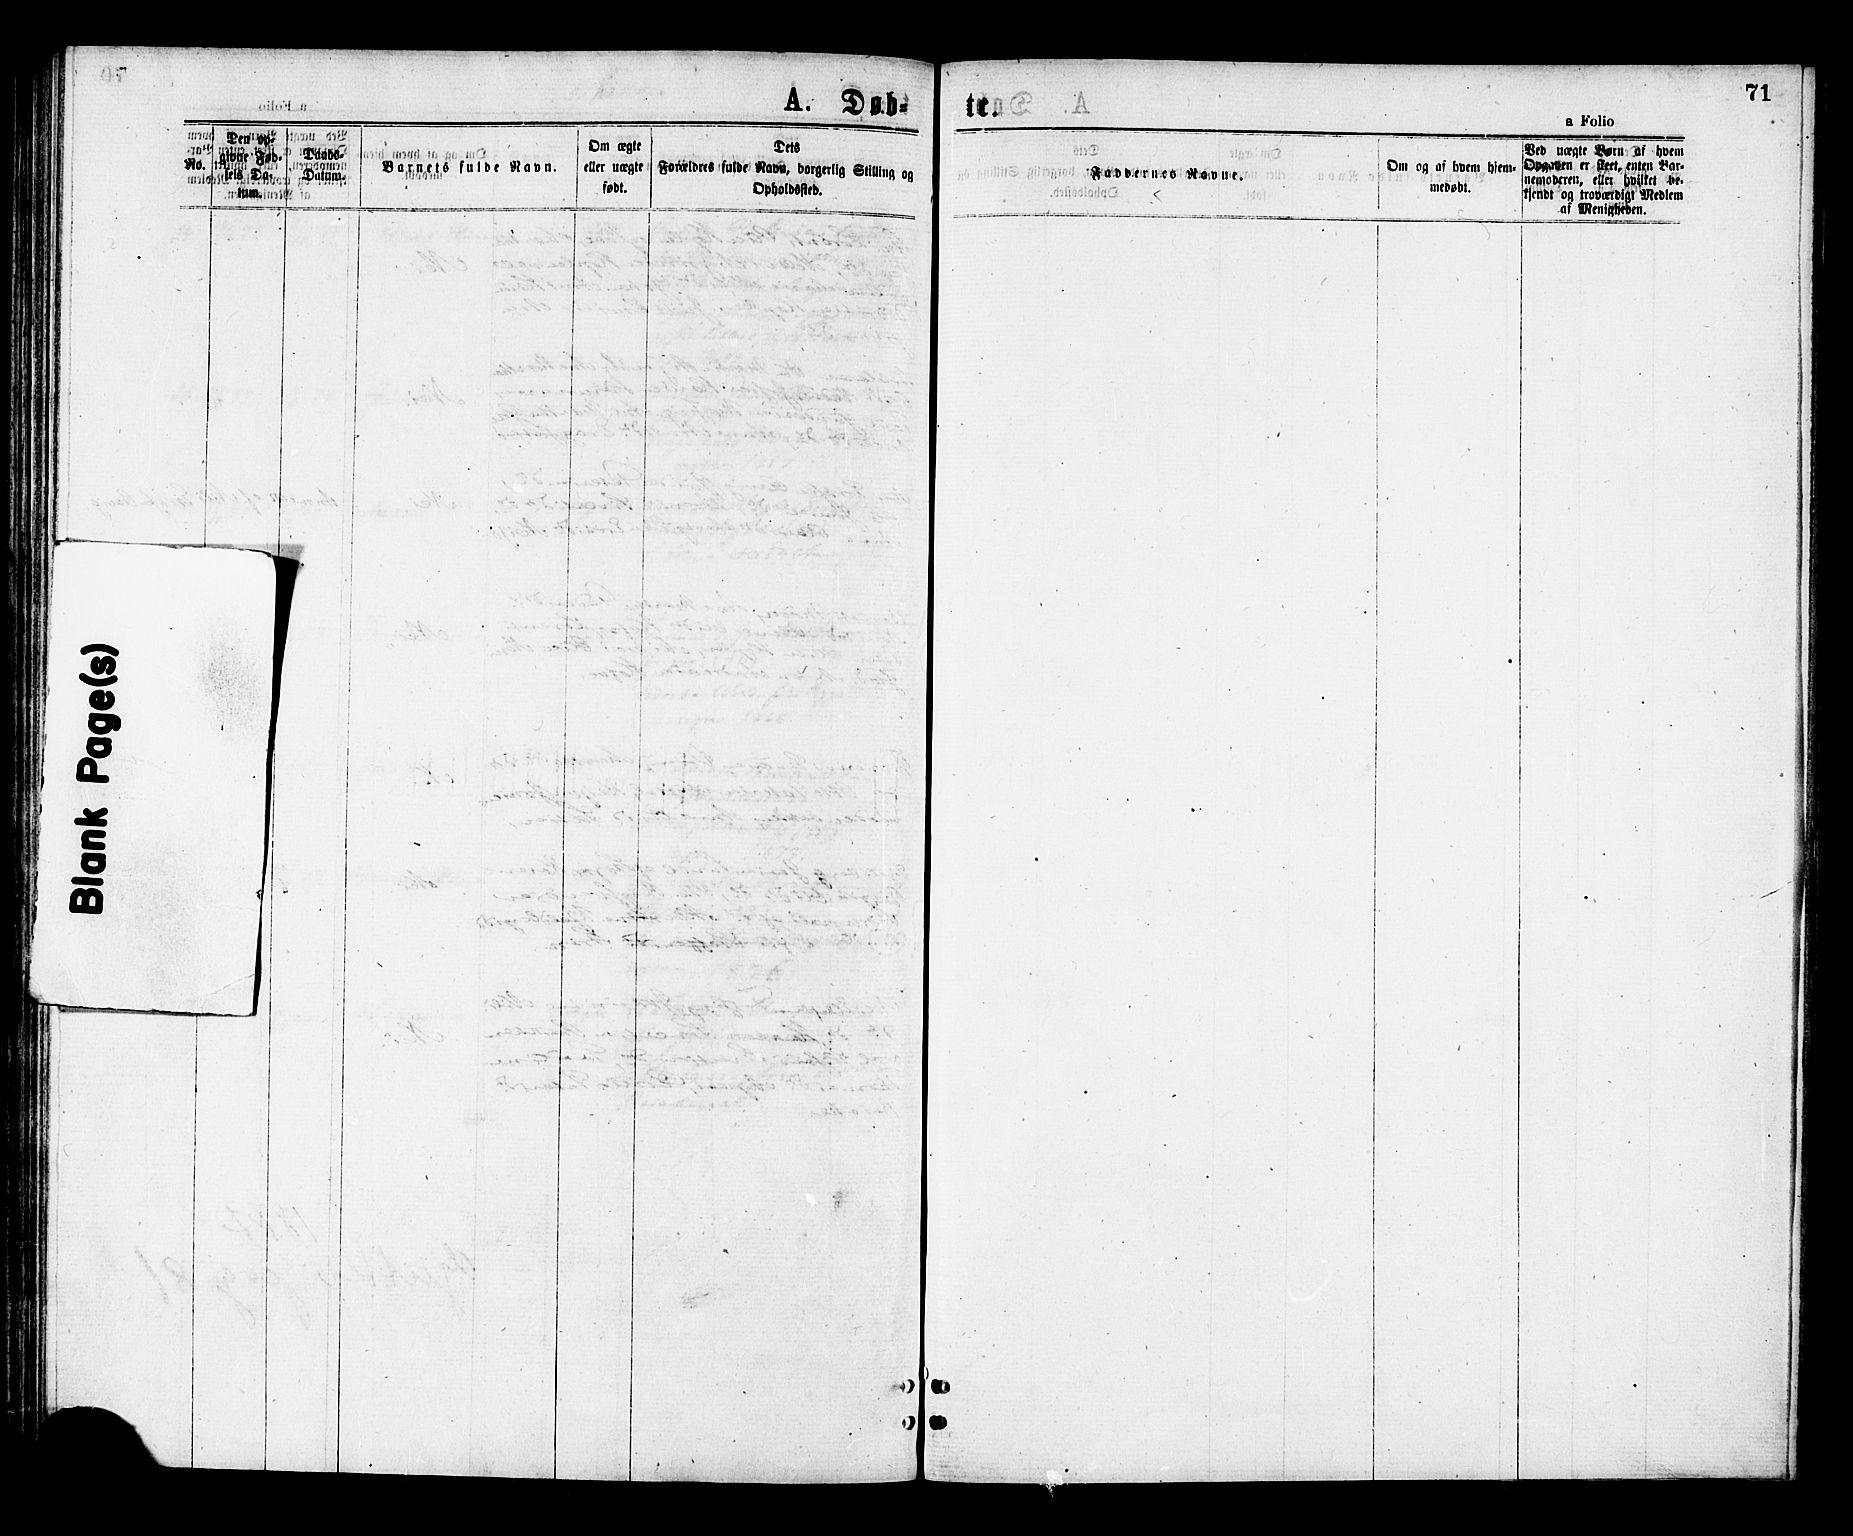 SAT, Ministerialprotokoller, klokkerbøker og fødselsregistre - Nord-Trøndelag, 713/L0118: Ministerialbok nr. 713A08 /2, 1875-1877, s. 71